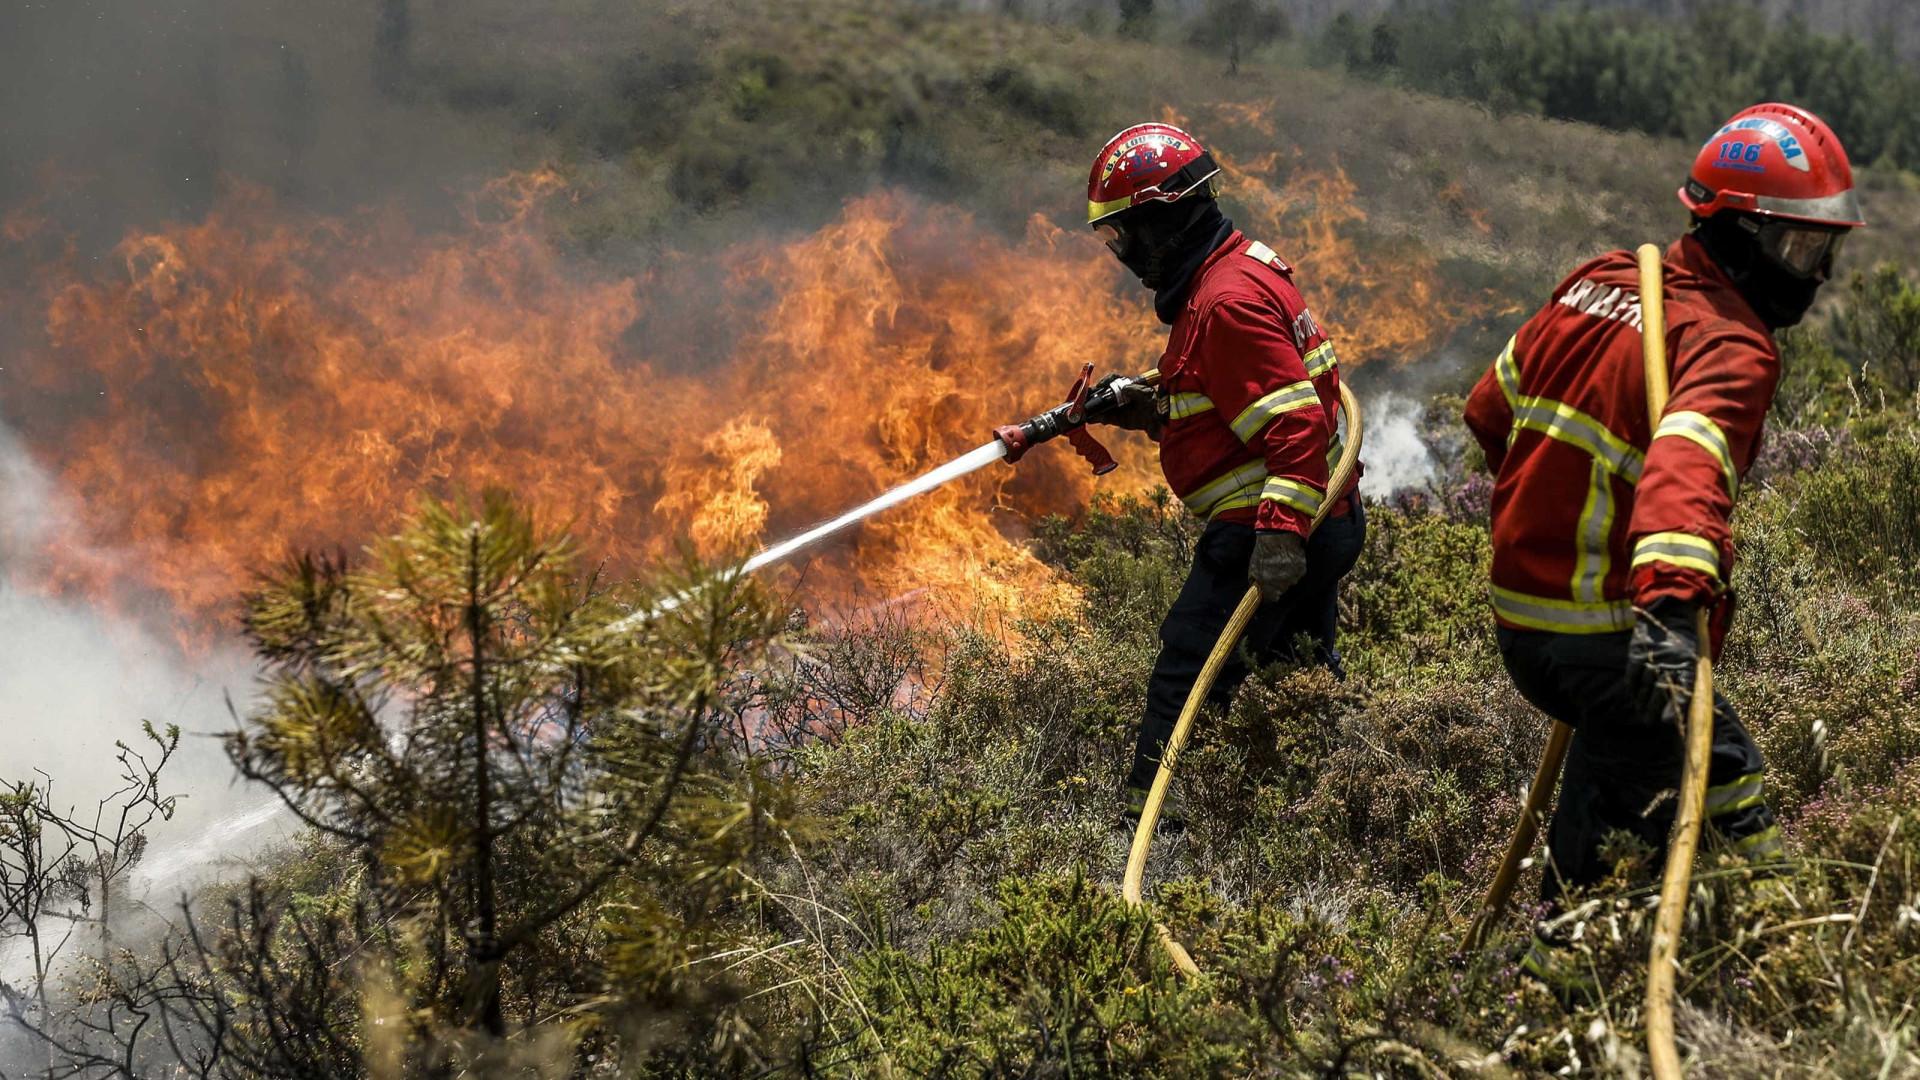 Quase 40 bombeiros e um helicóptero combatem chamas em Elvas